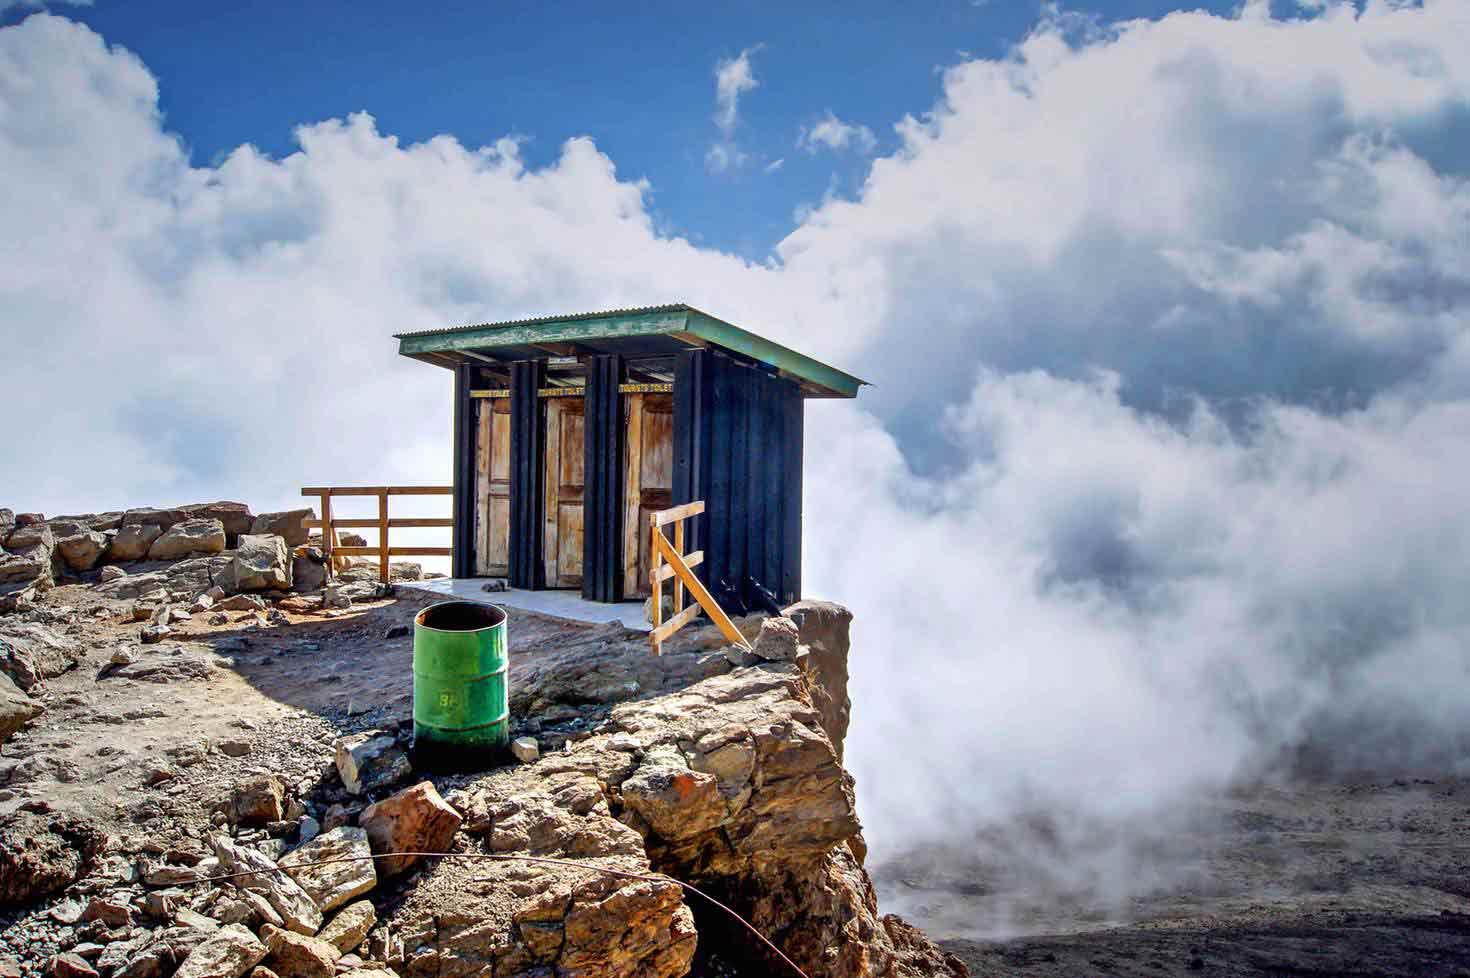 À 4 600 mètres d'altitude, sur les flancs du mont Kilimandjaro en Tanzanie